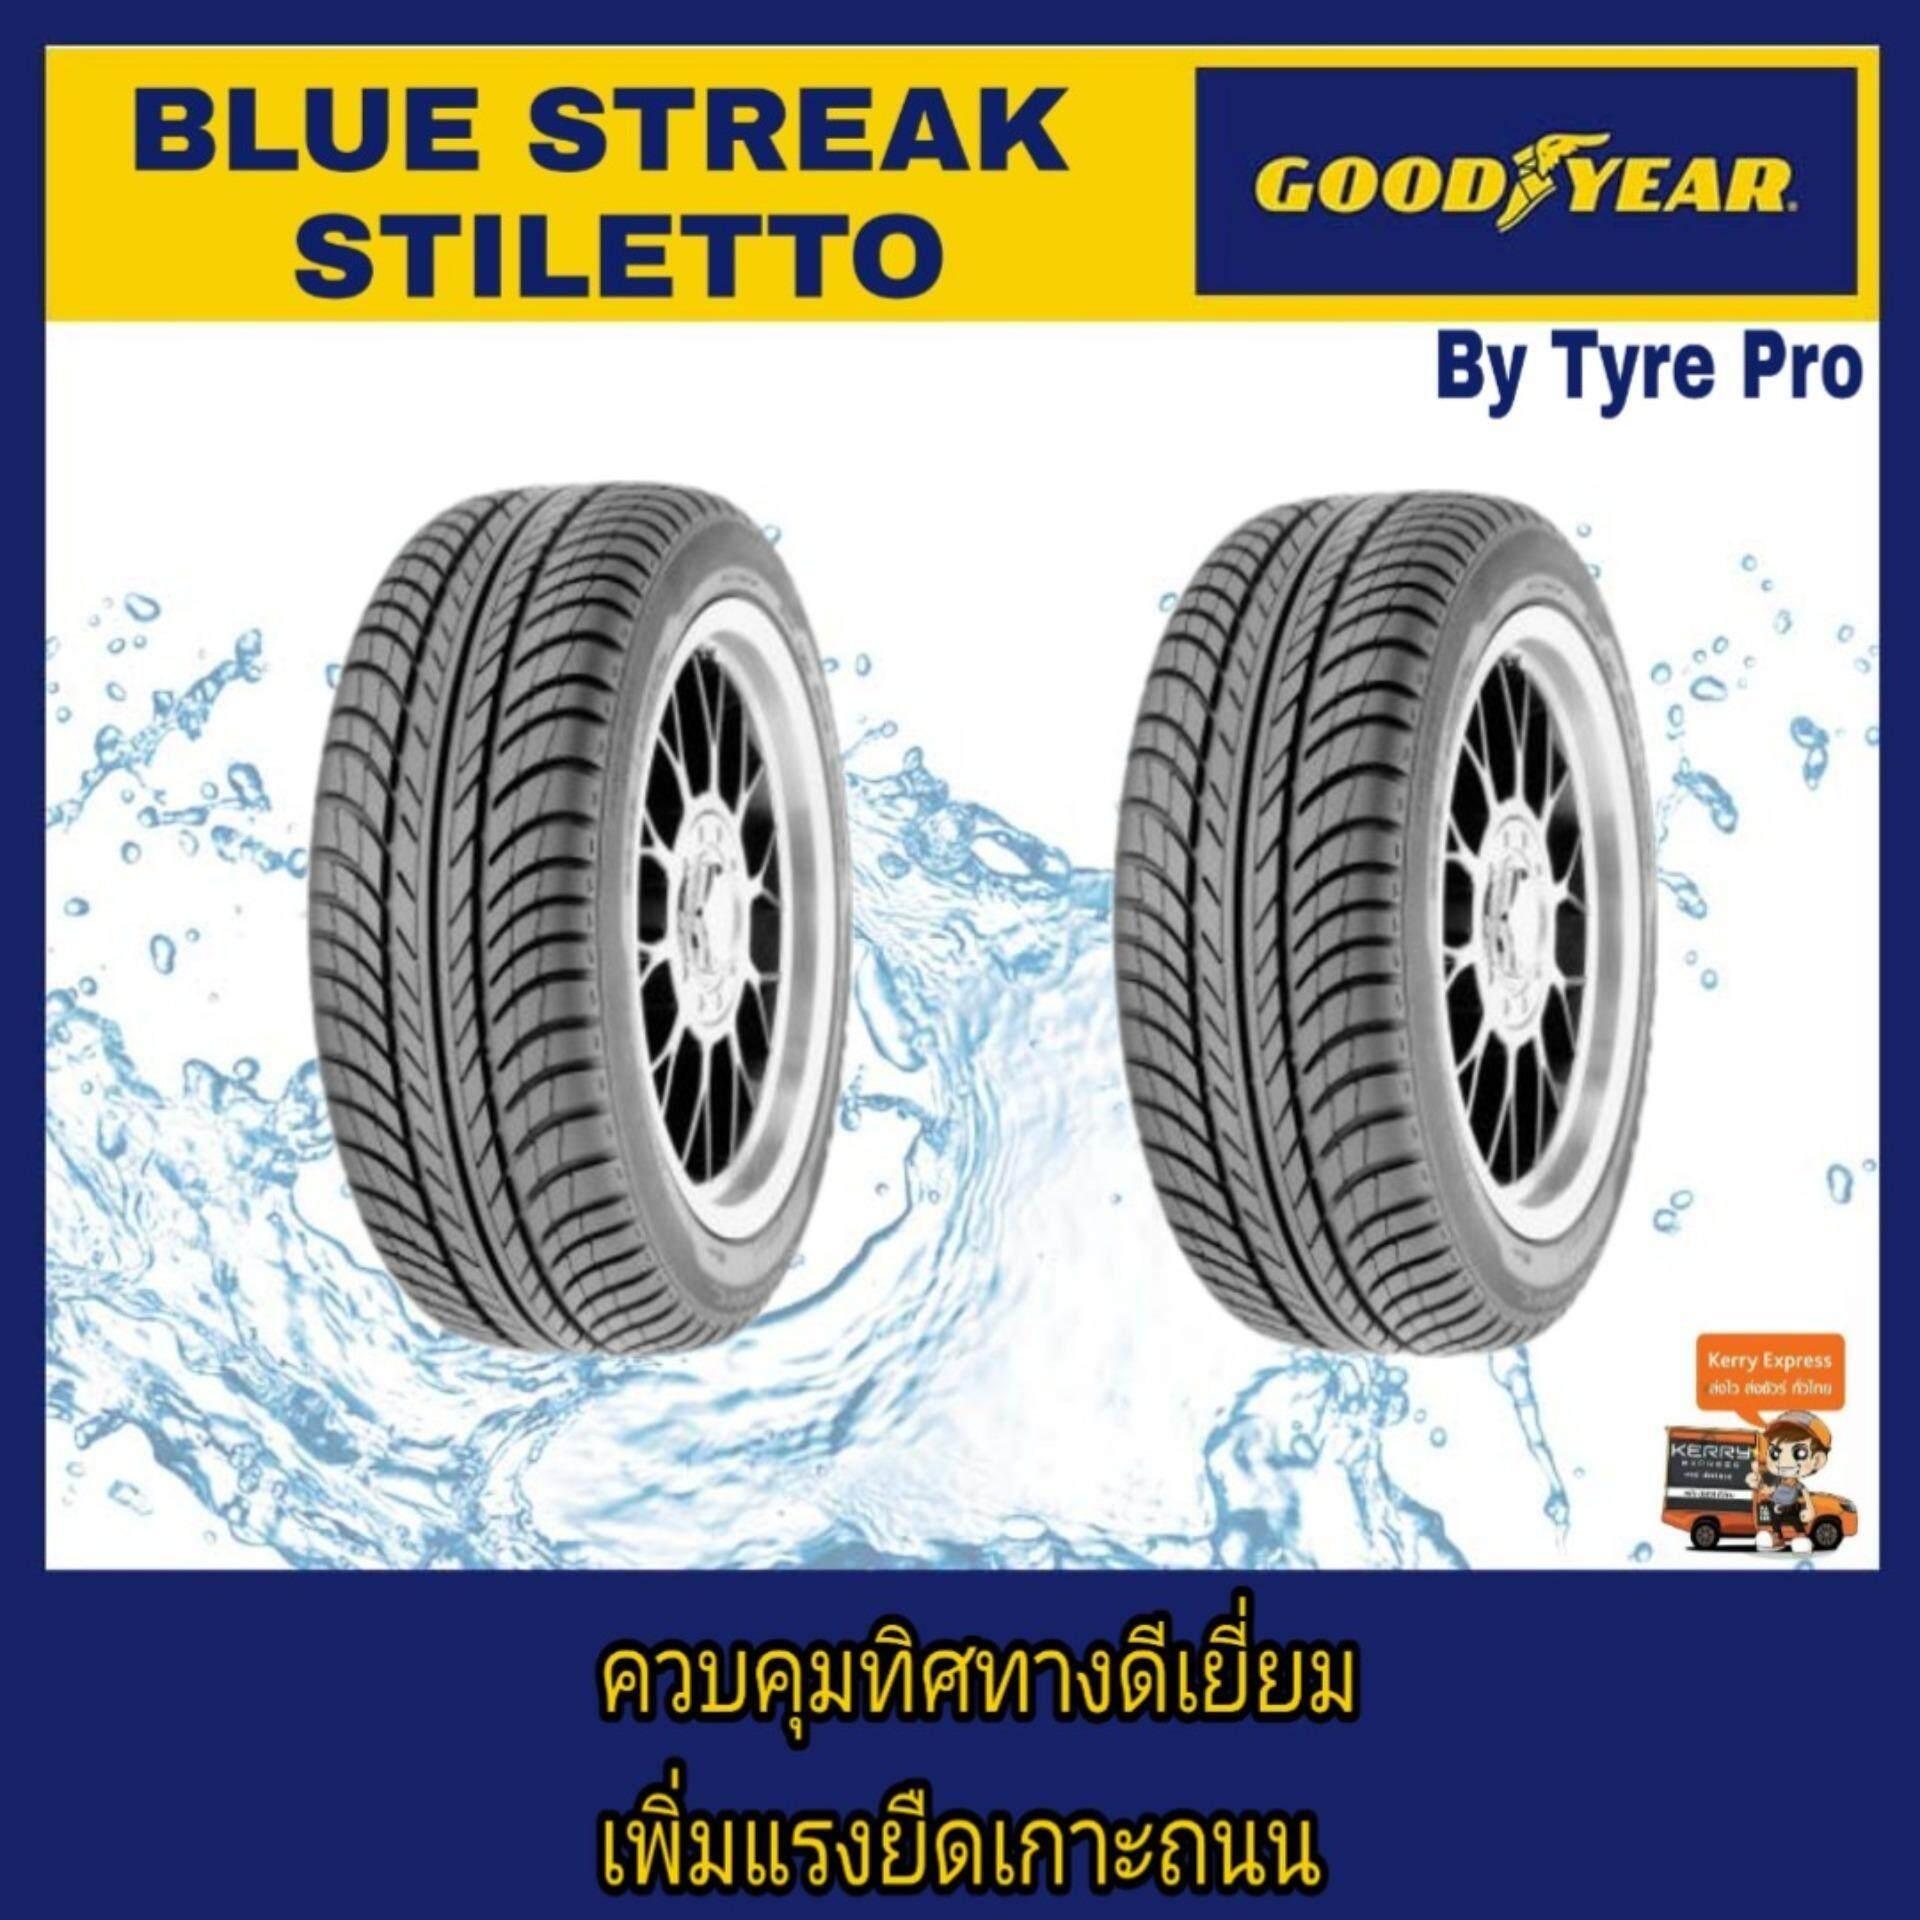 ประกันภัย รถยนต์ ชั้น 3 ราคา ถูก สมุทรปราการ Goodyear ยางรถยนต์ 205/45R17 รุ่น Blue Streak Stiletto(2เส้น)